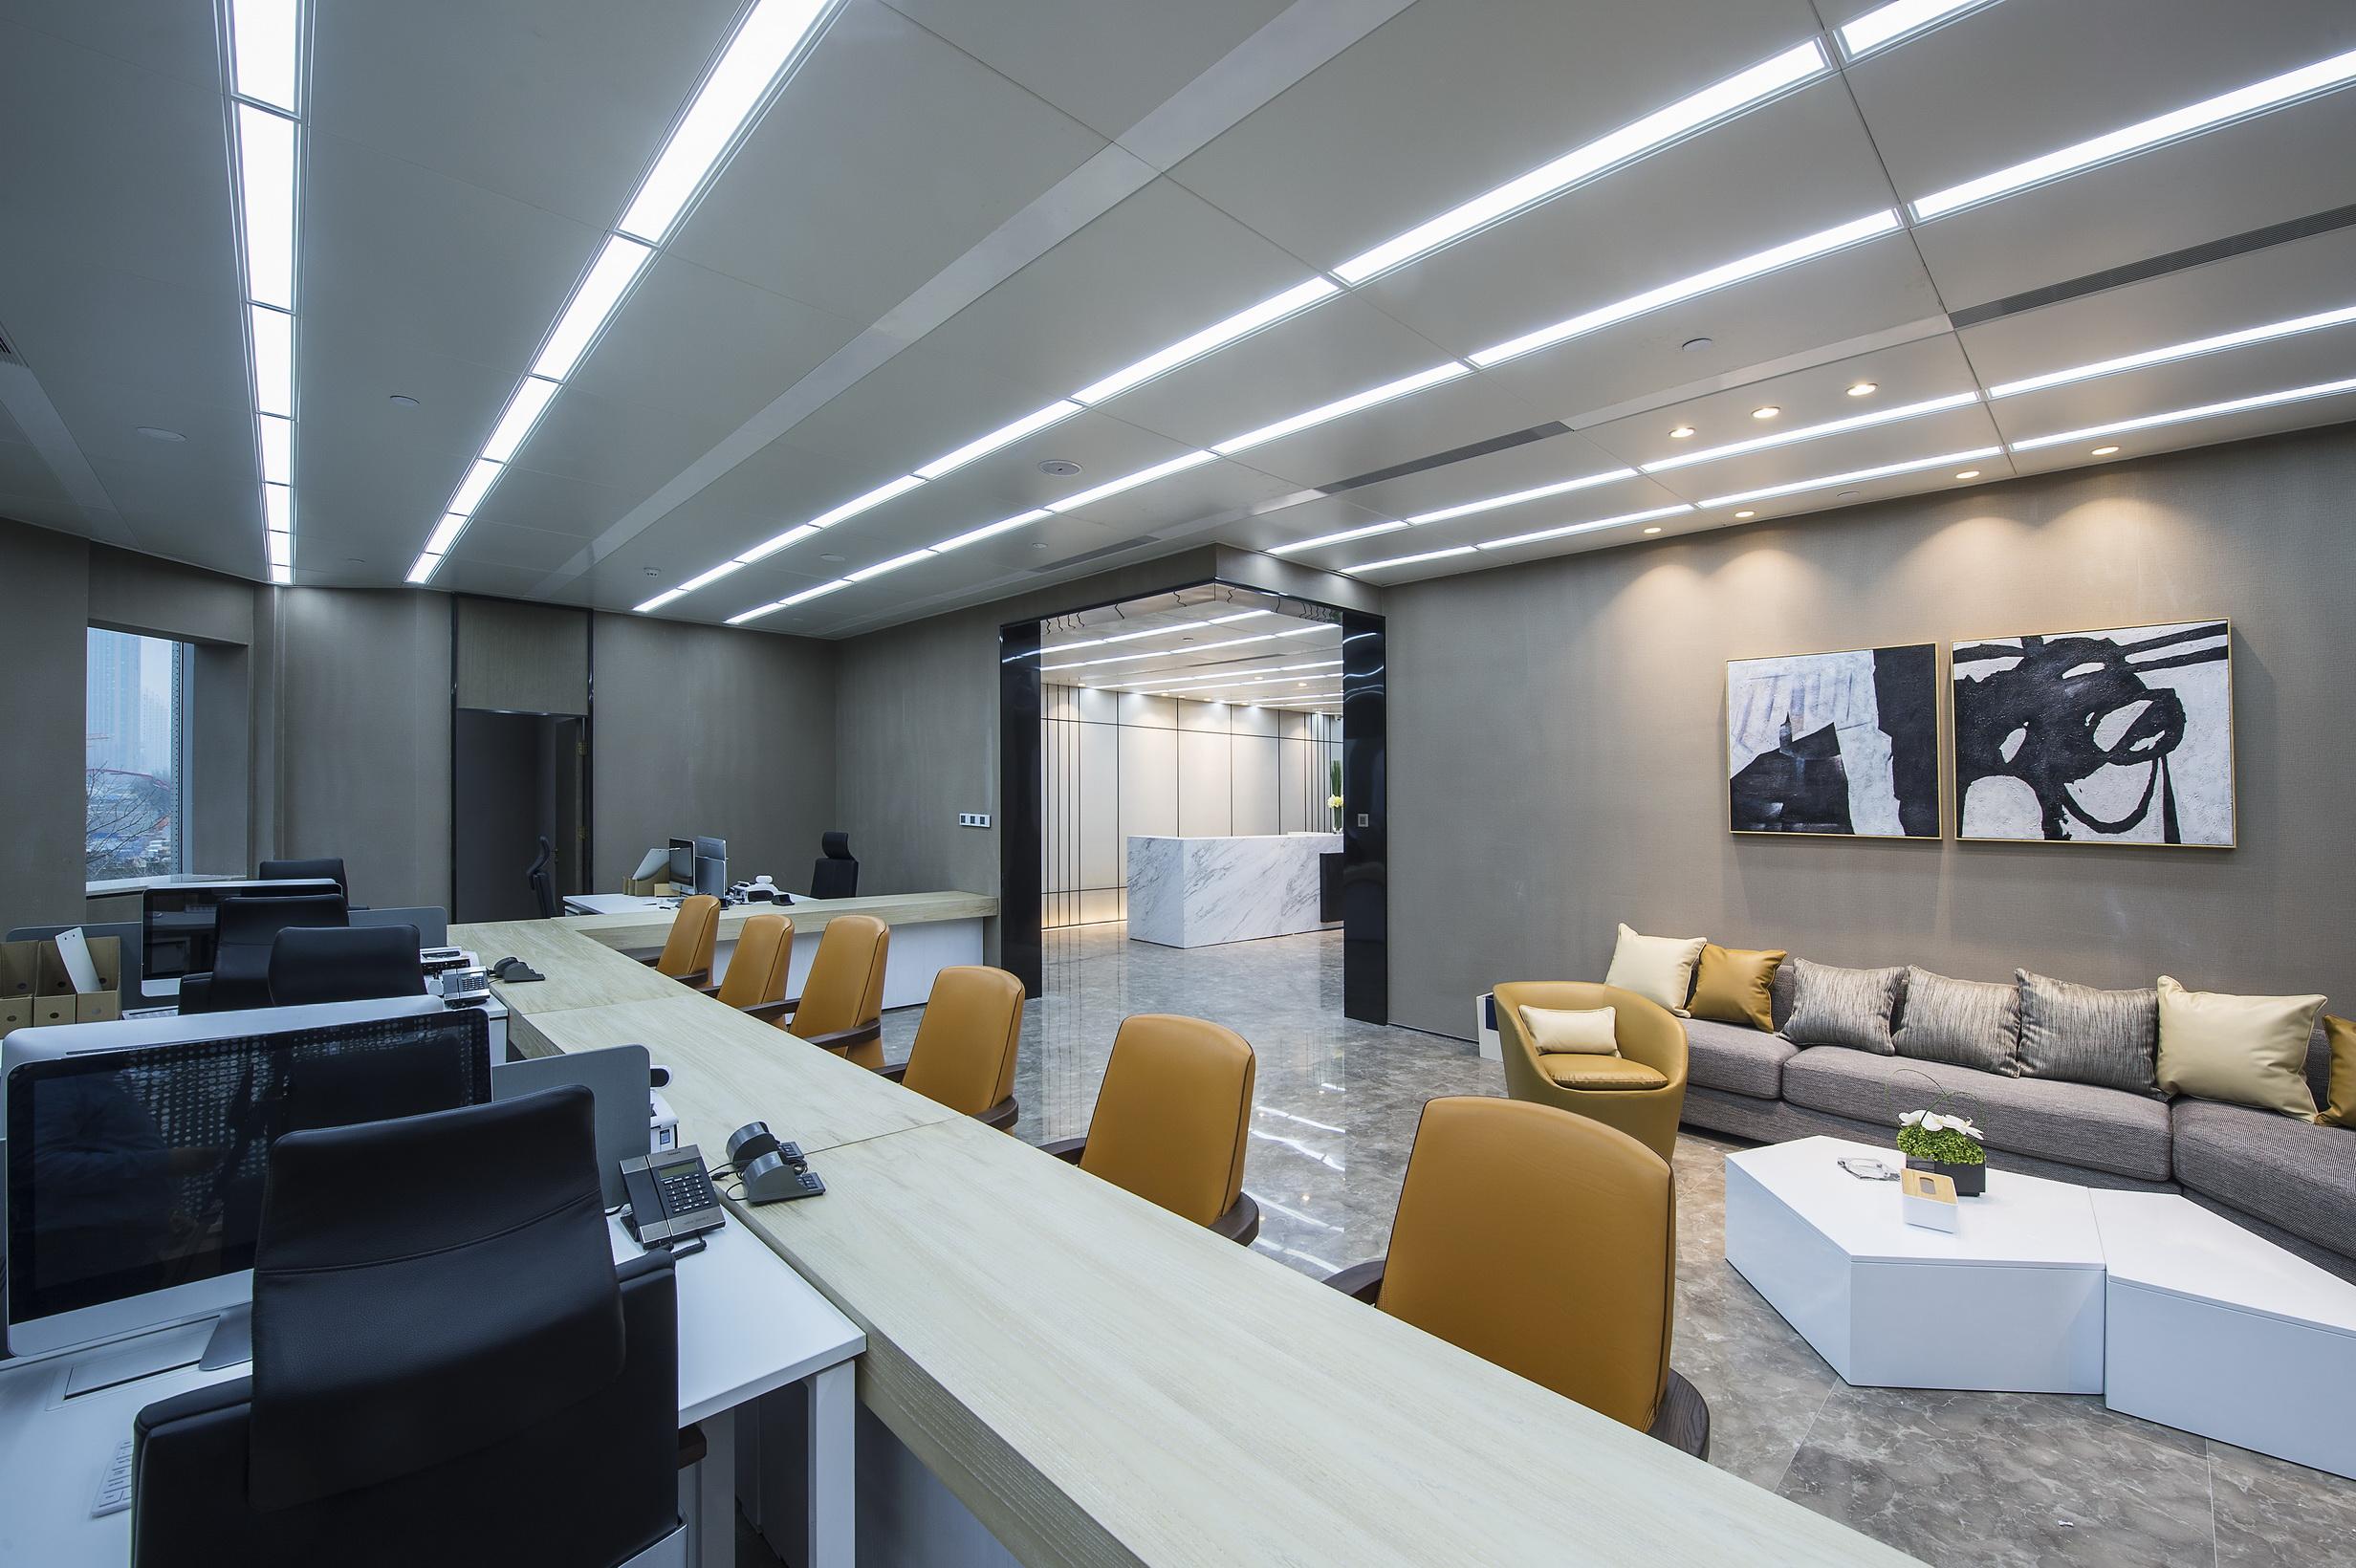 办公室装修设计效果图室内设计施工图经理室工装办公空间设计服务